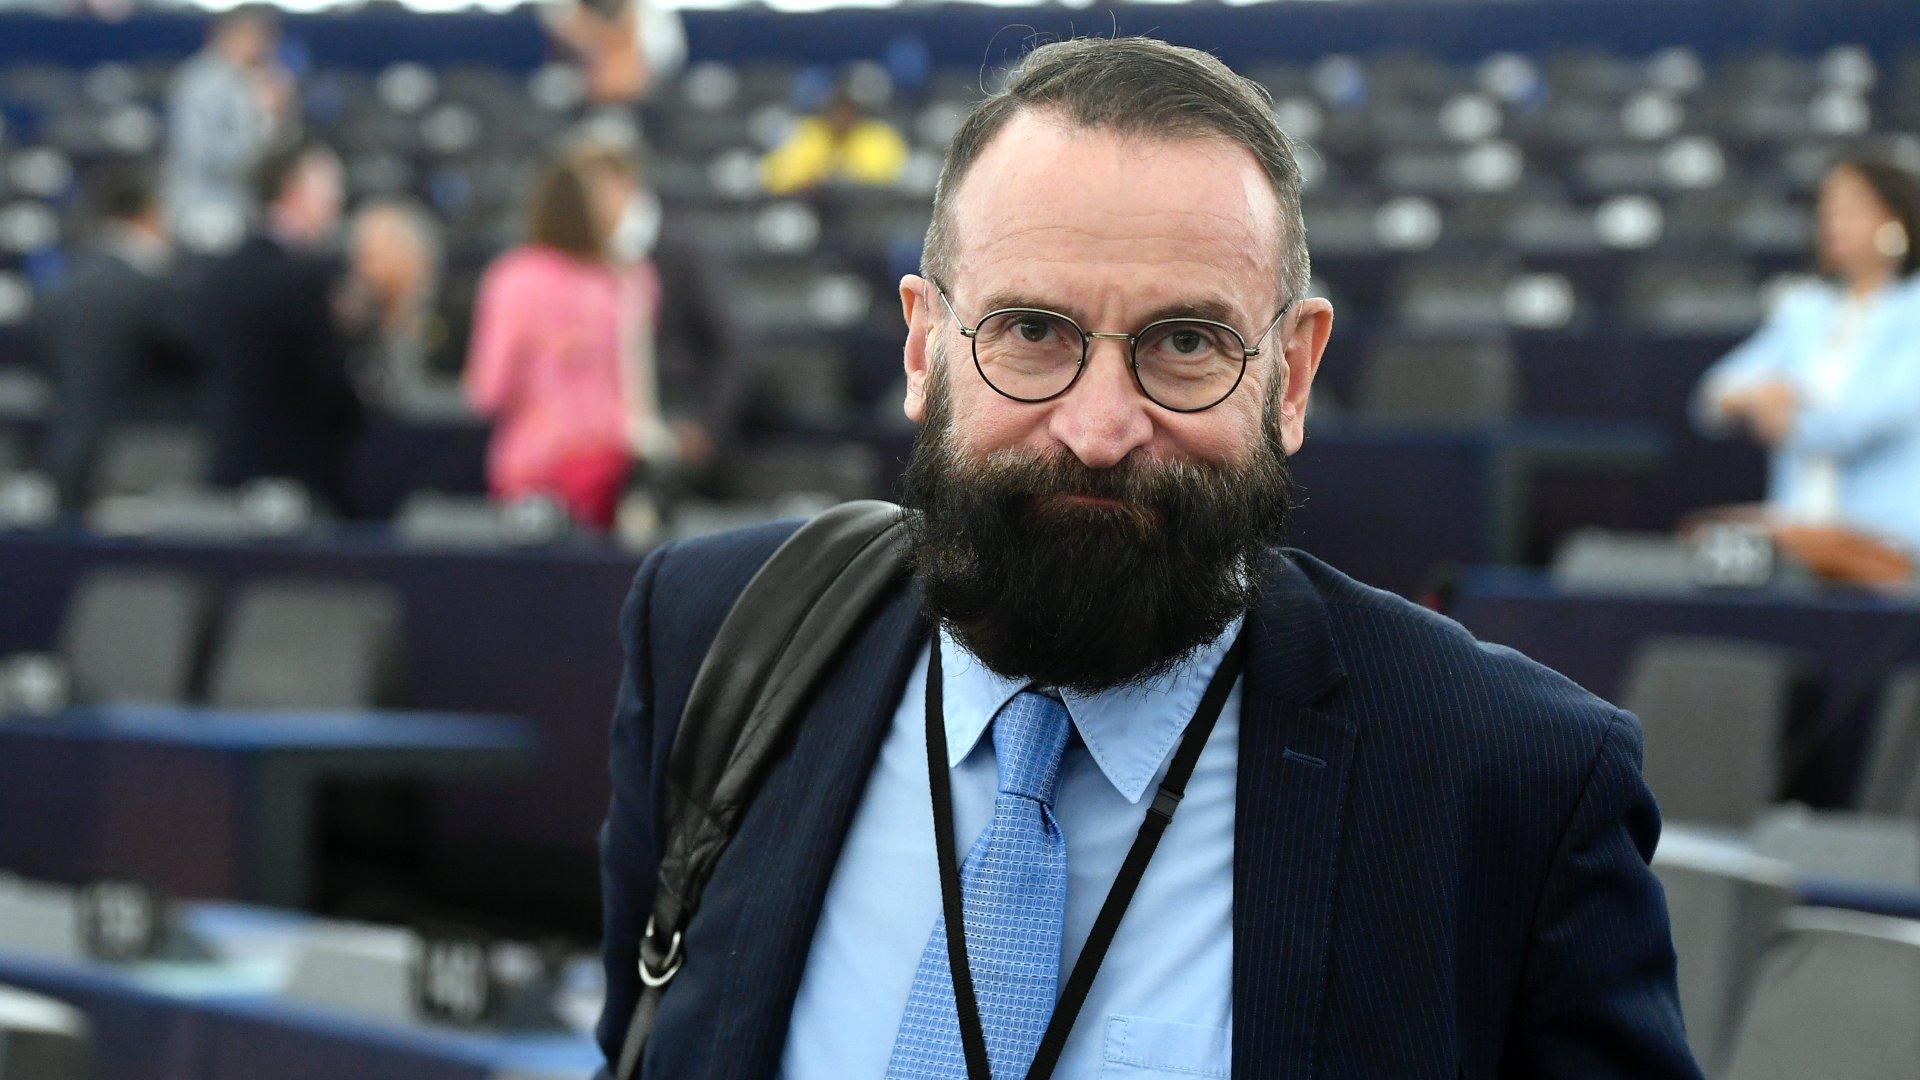 Szájer József fideszes európai parlamenti képviselő